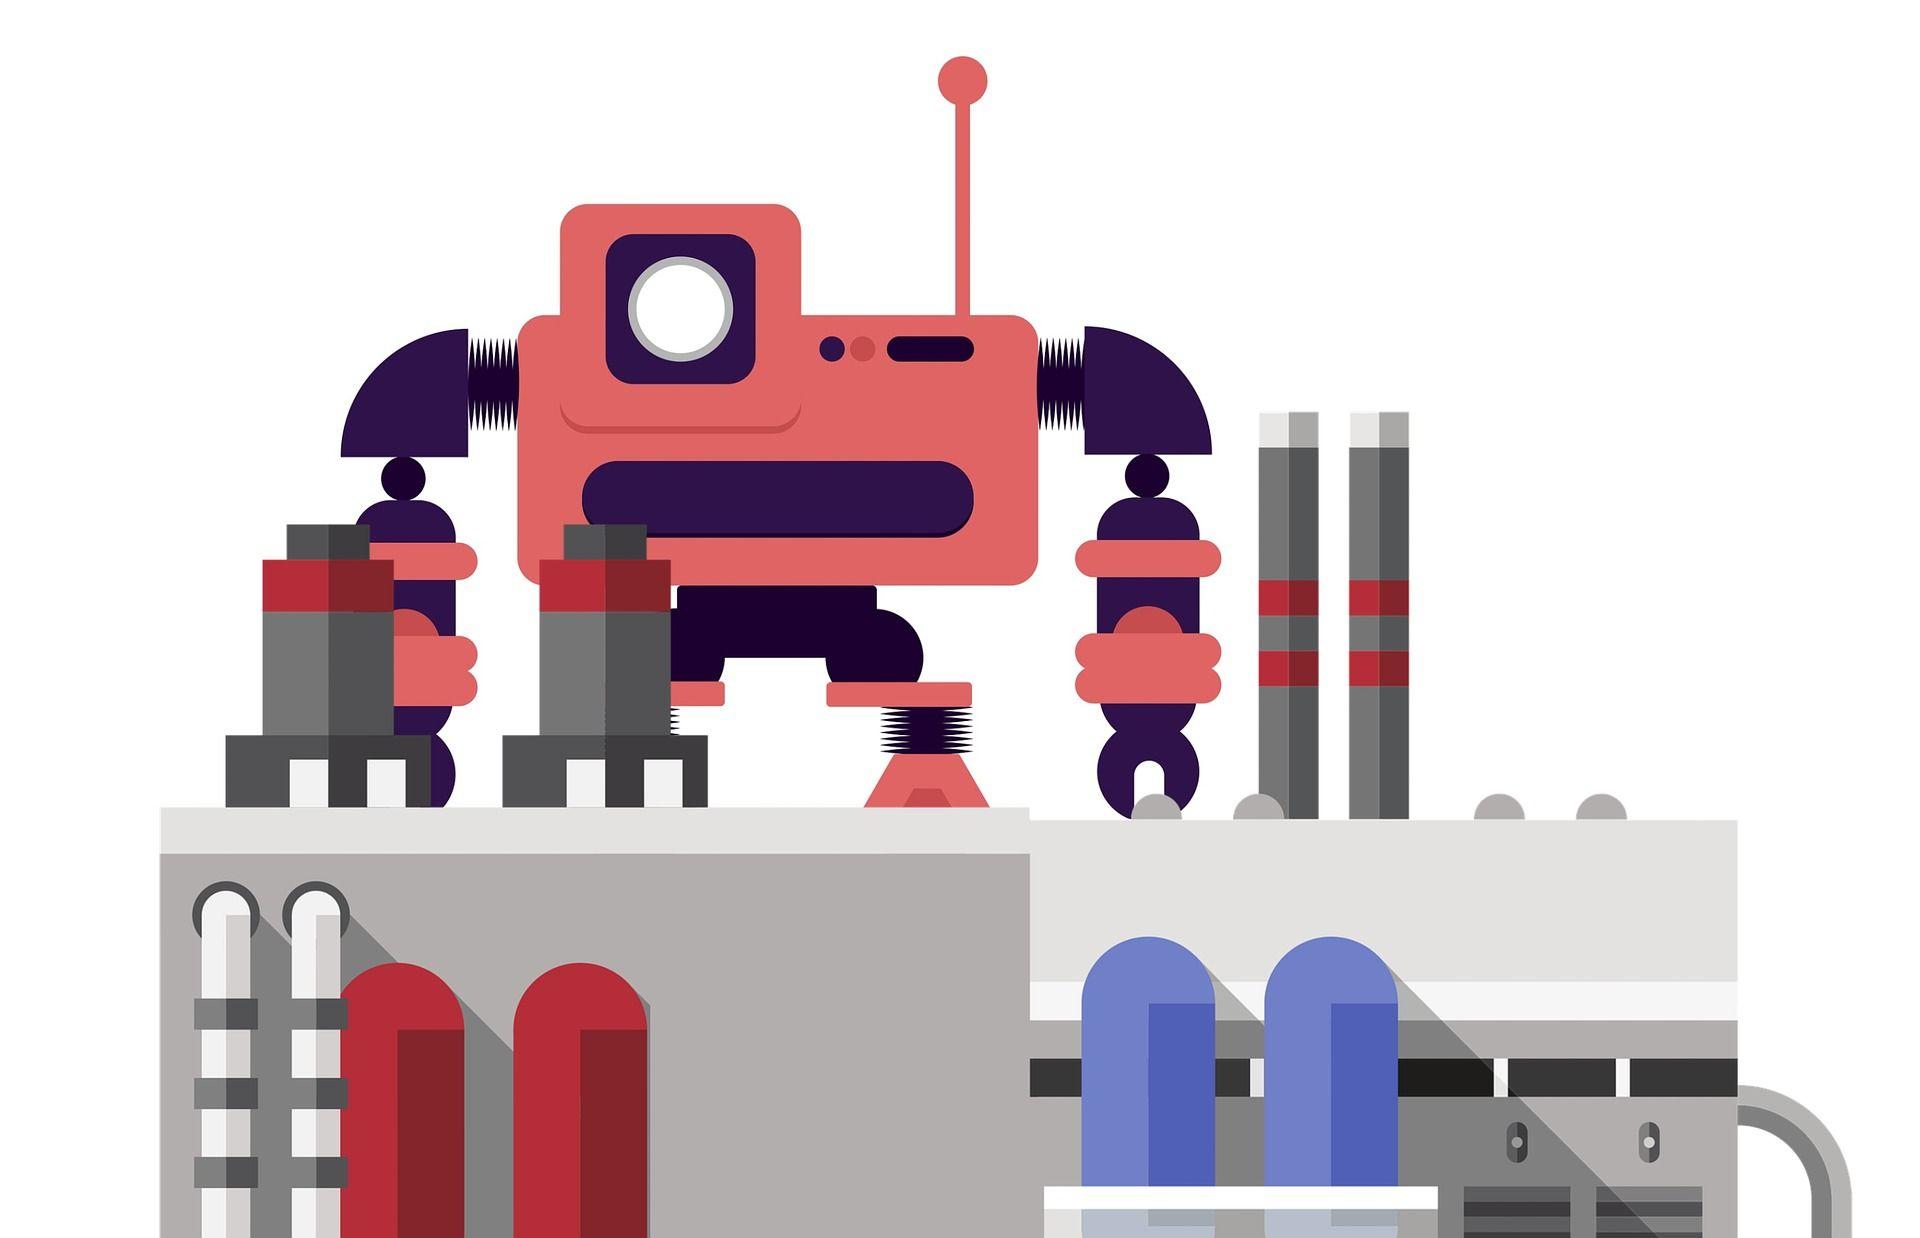 robot-4149584_1920.jpg